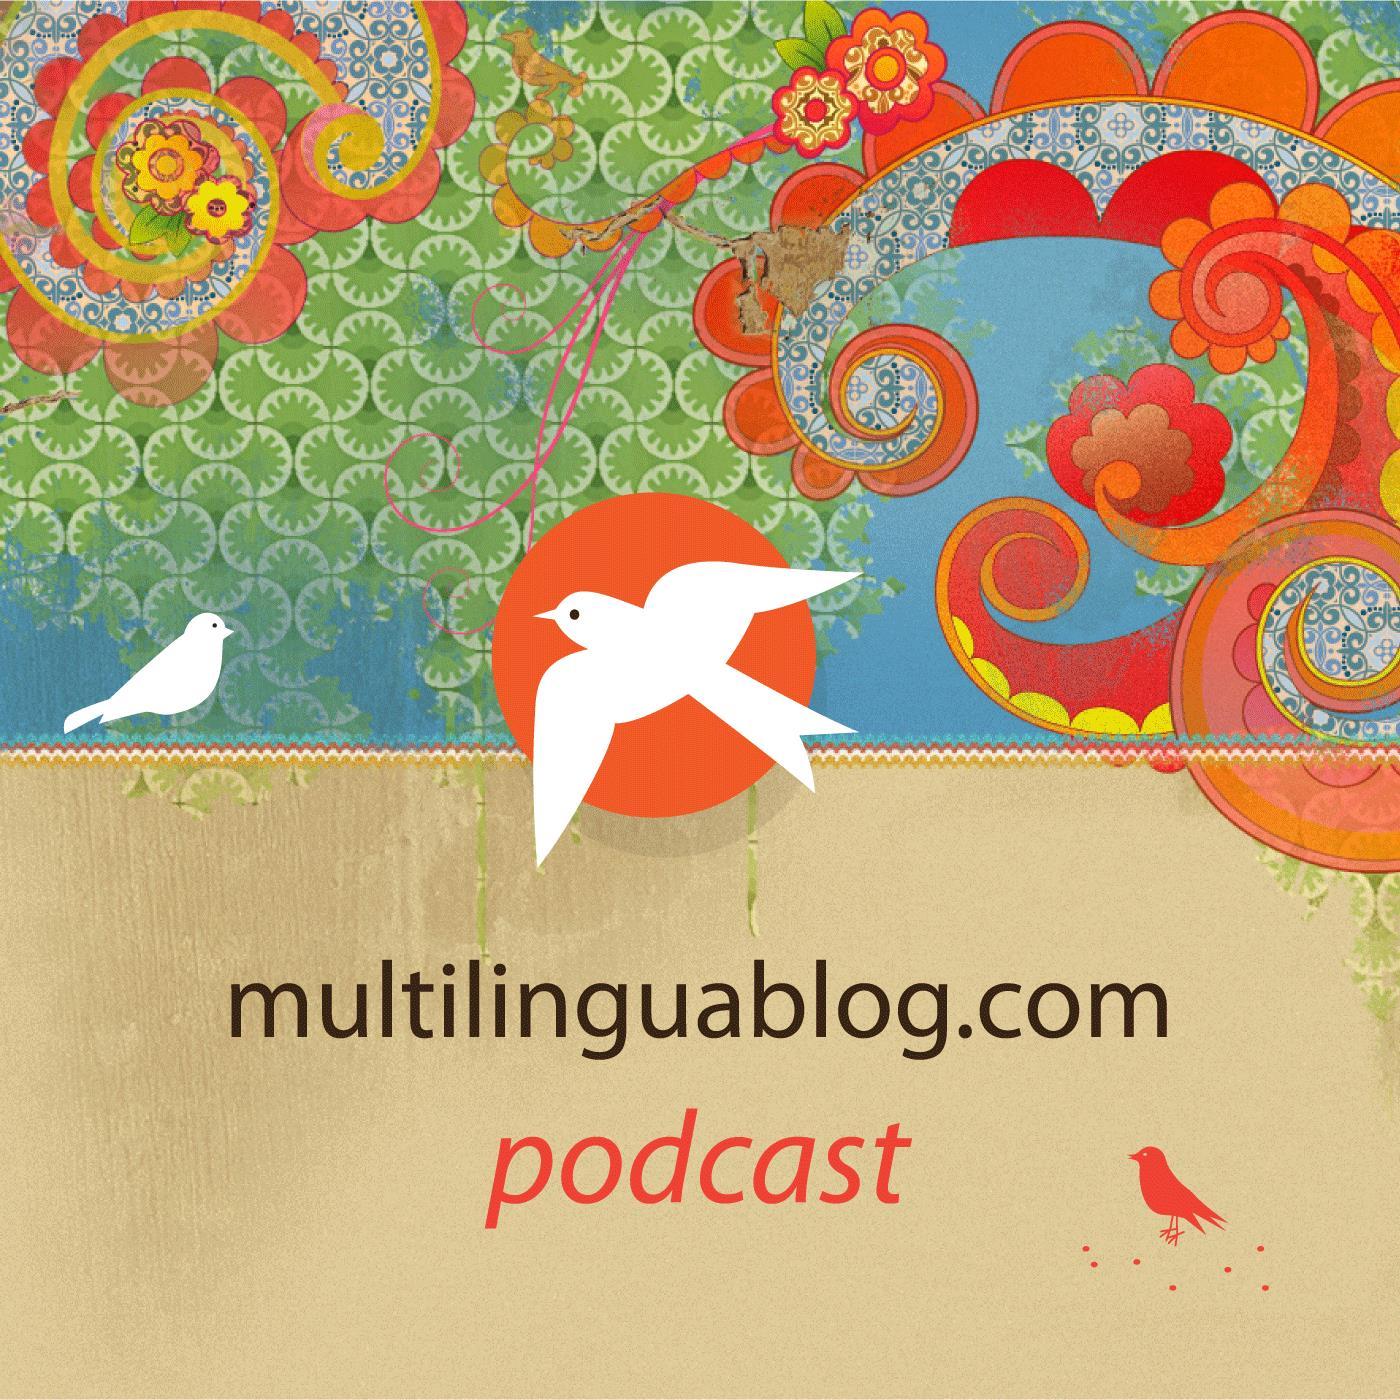 Multilinguablog Podcast